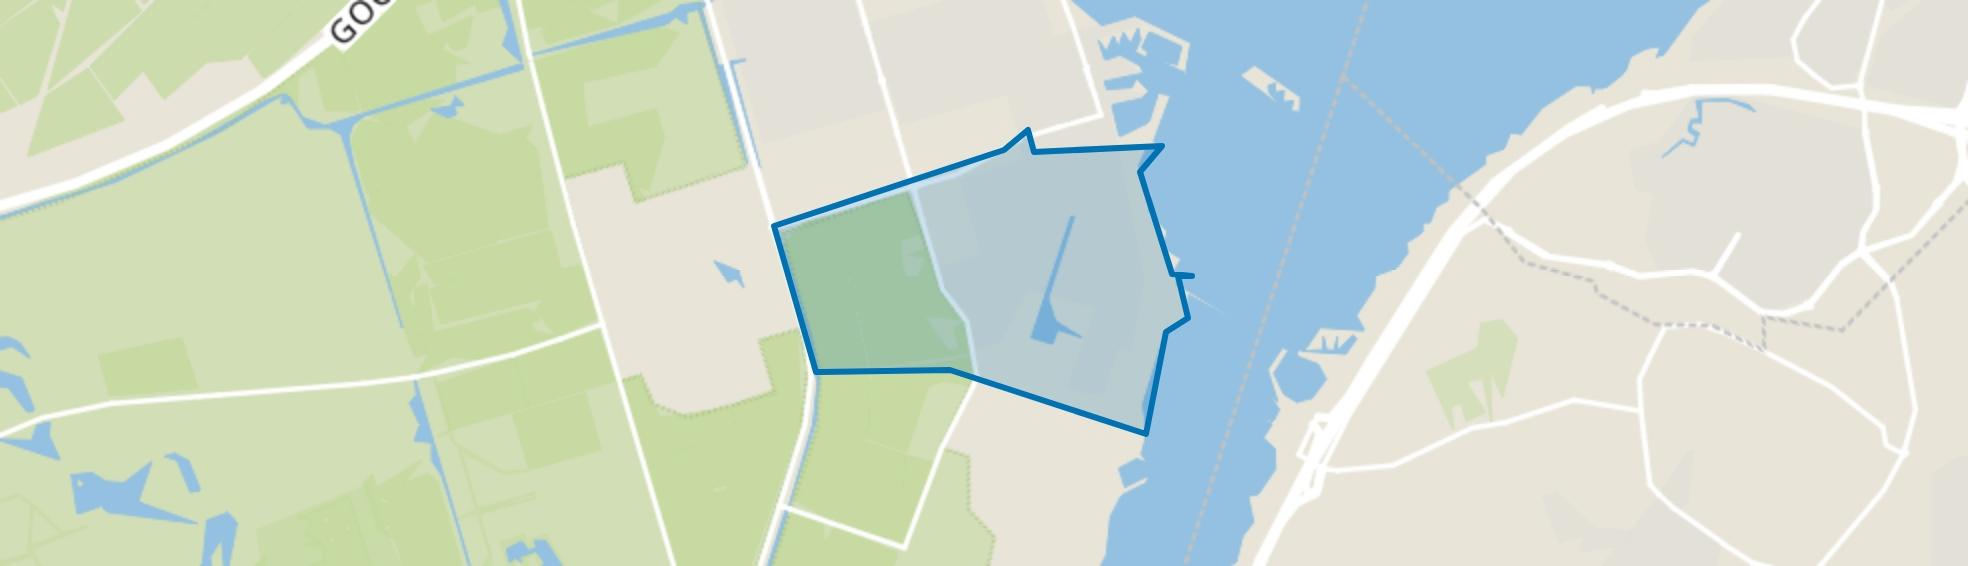 Tweede woonwijk, Zeewolde map